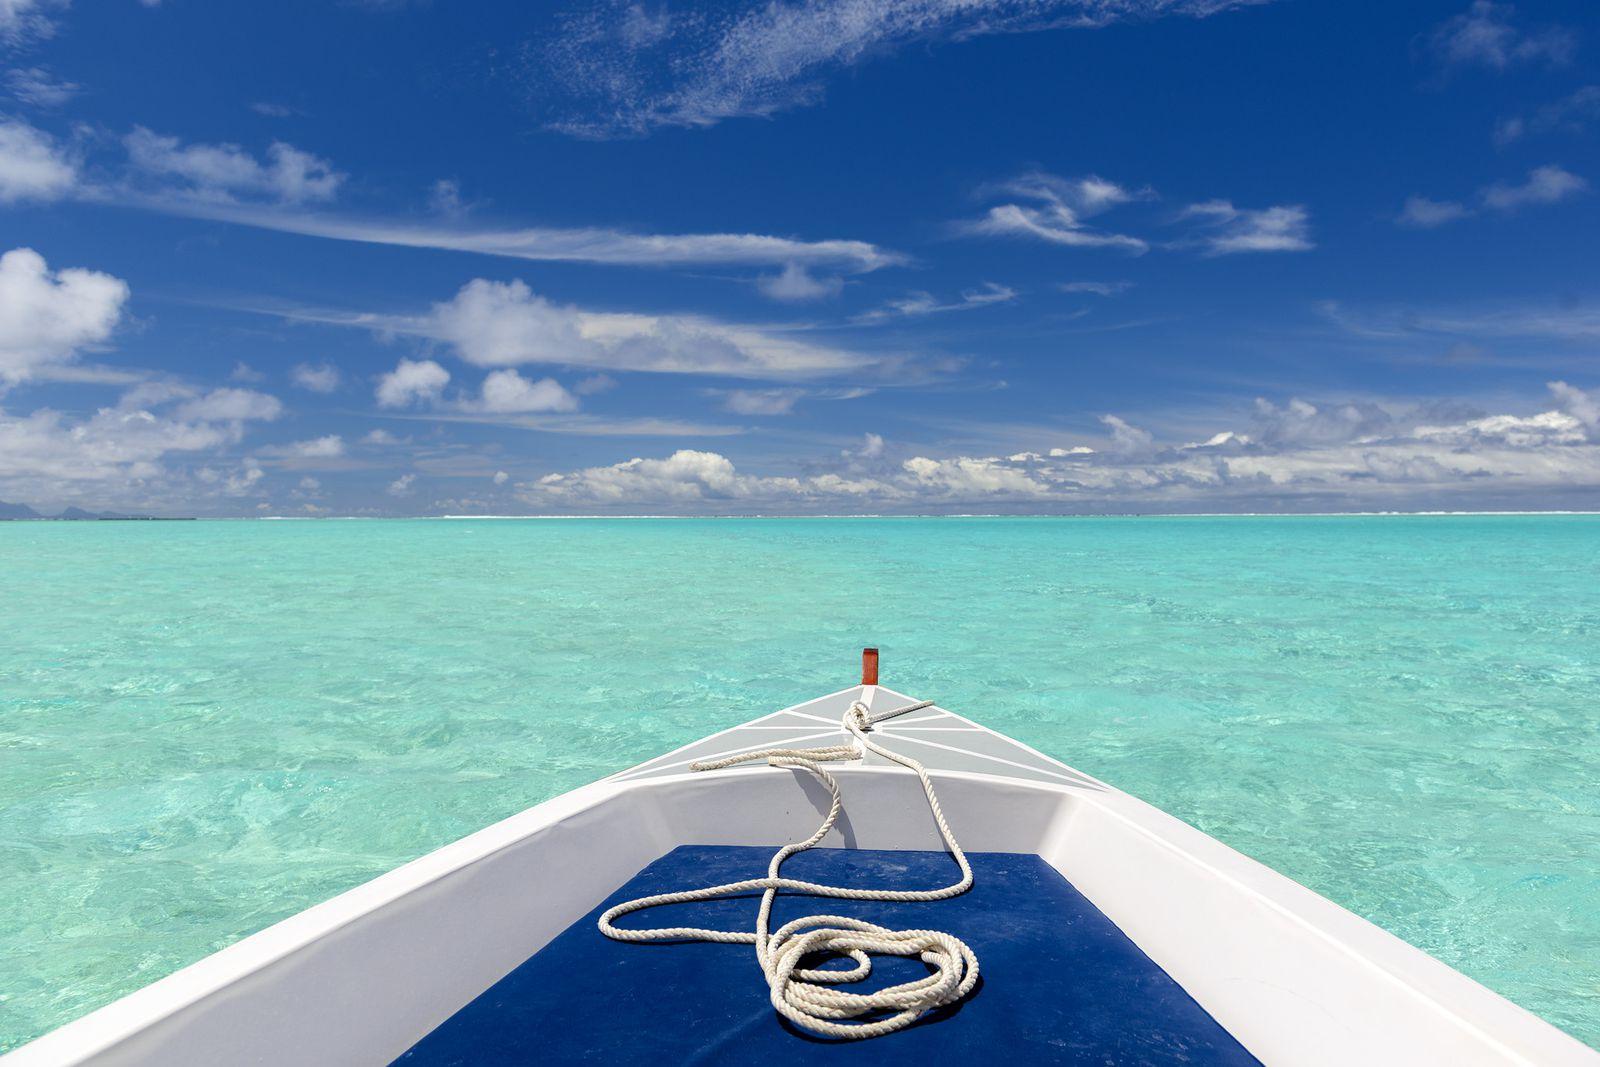 たくさんの島々からなるタヒチ。どの島もとても綺麗な海が広がっていて、どこを切り取っても絵になるフォトジェニックなスポットばかりですが、実はそれぞれ異なる魅力があります。選ぶときのポイントをおさえておきましょう。